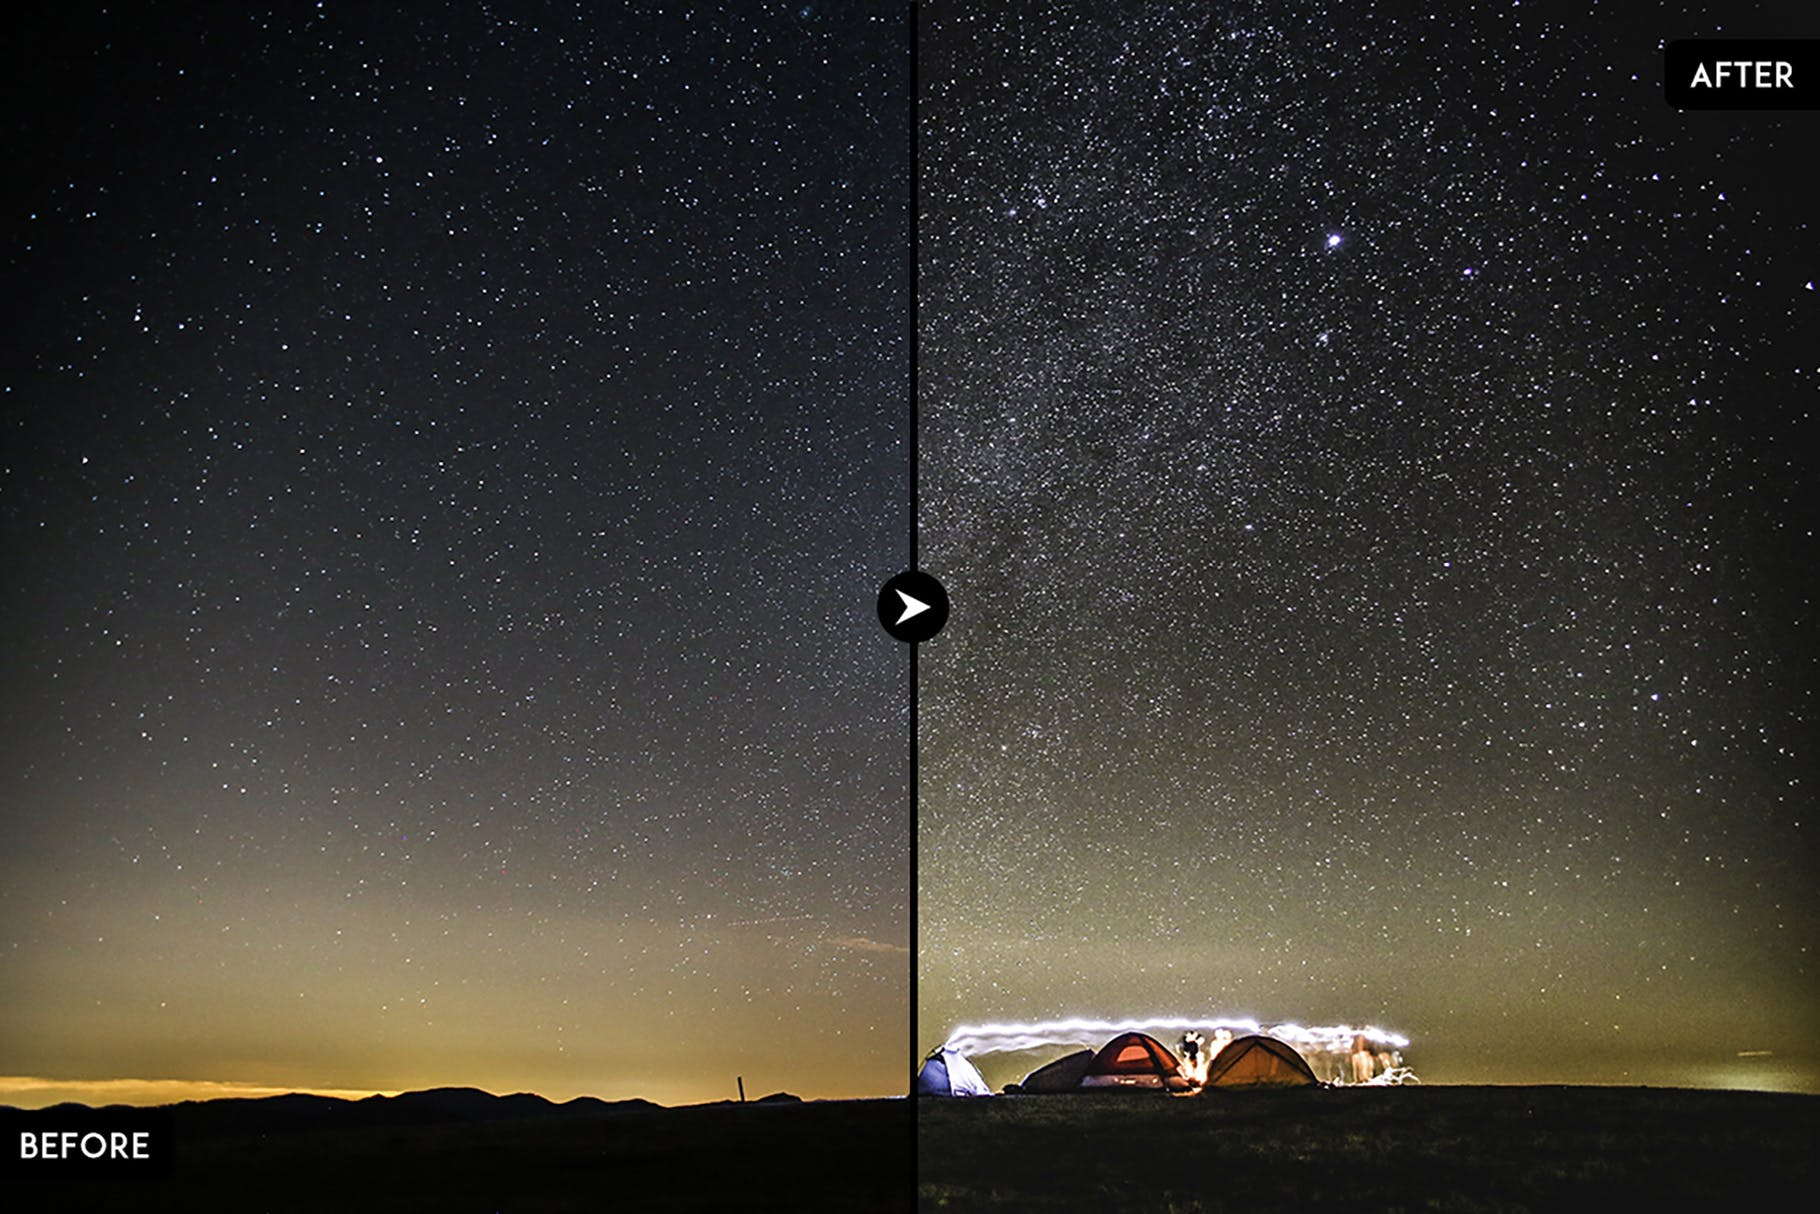 宇宙星空照片lightroom预设下载lightroom滤镜lightroom下载设计素材模板